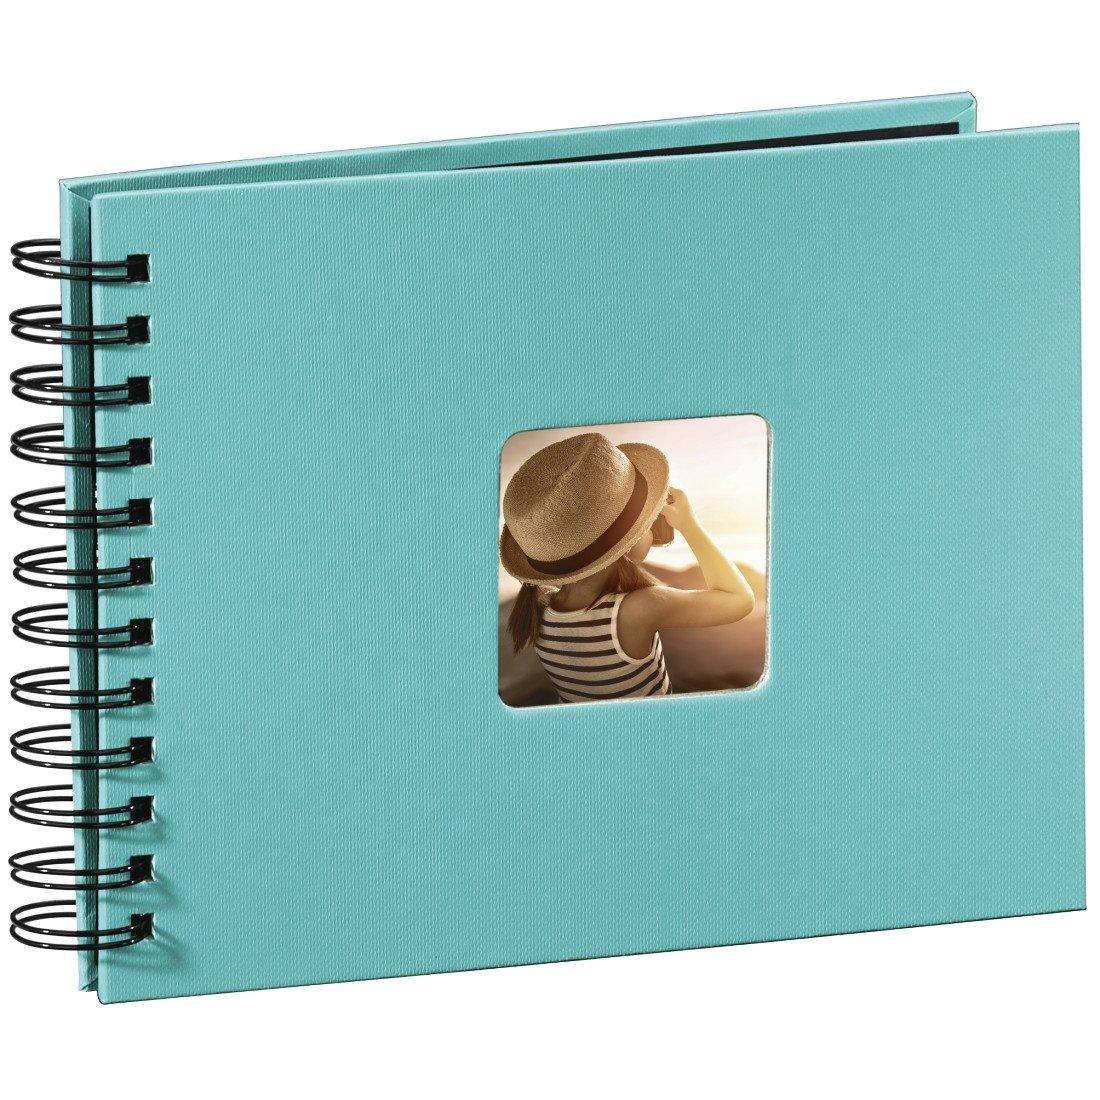 Hama Fotoalbum Spiralalbum (50 schwarze Seiten, 25 Blatt, Größe 24 x 17 cm, mit Ausschnitt für Bildeinschub) Fotobuch apfelgrün Größe 24 x 17 cm 00094880